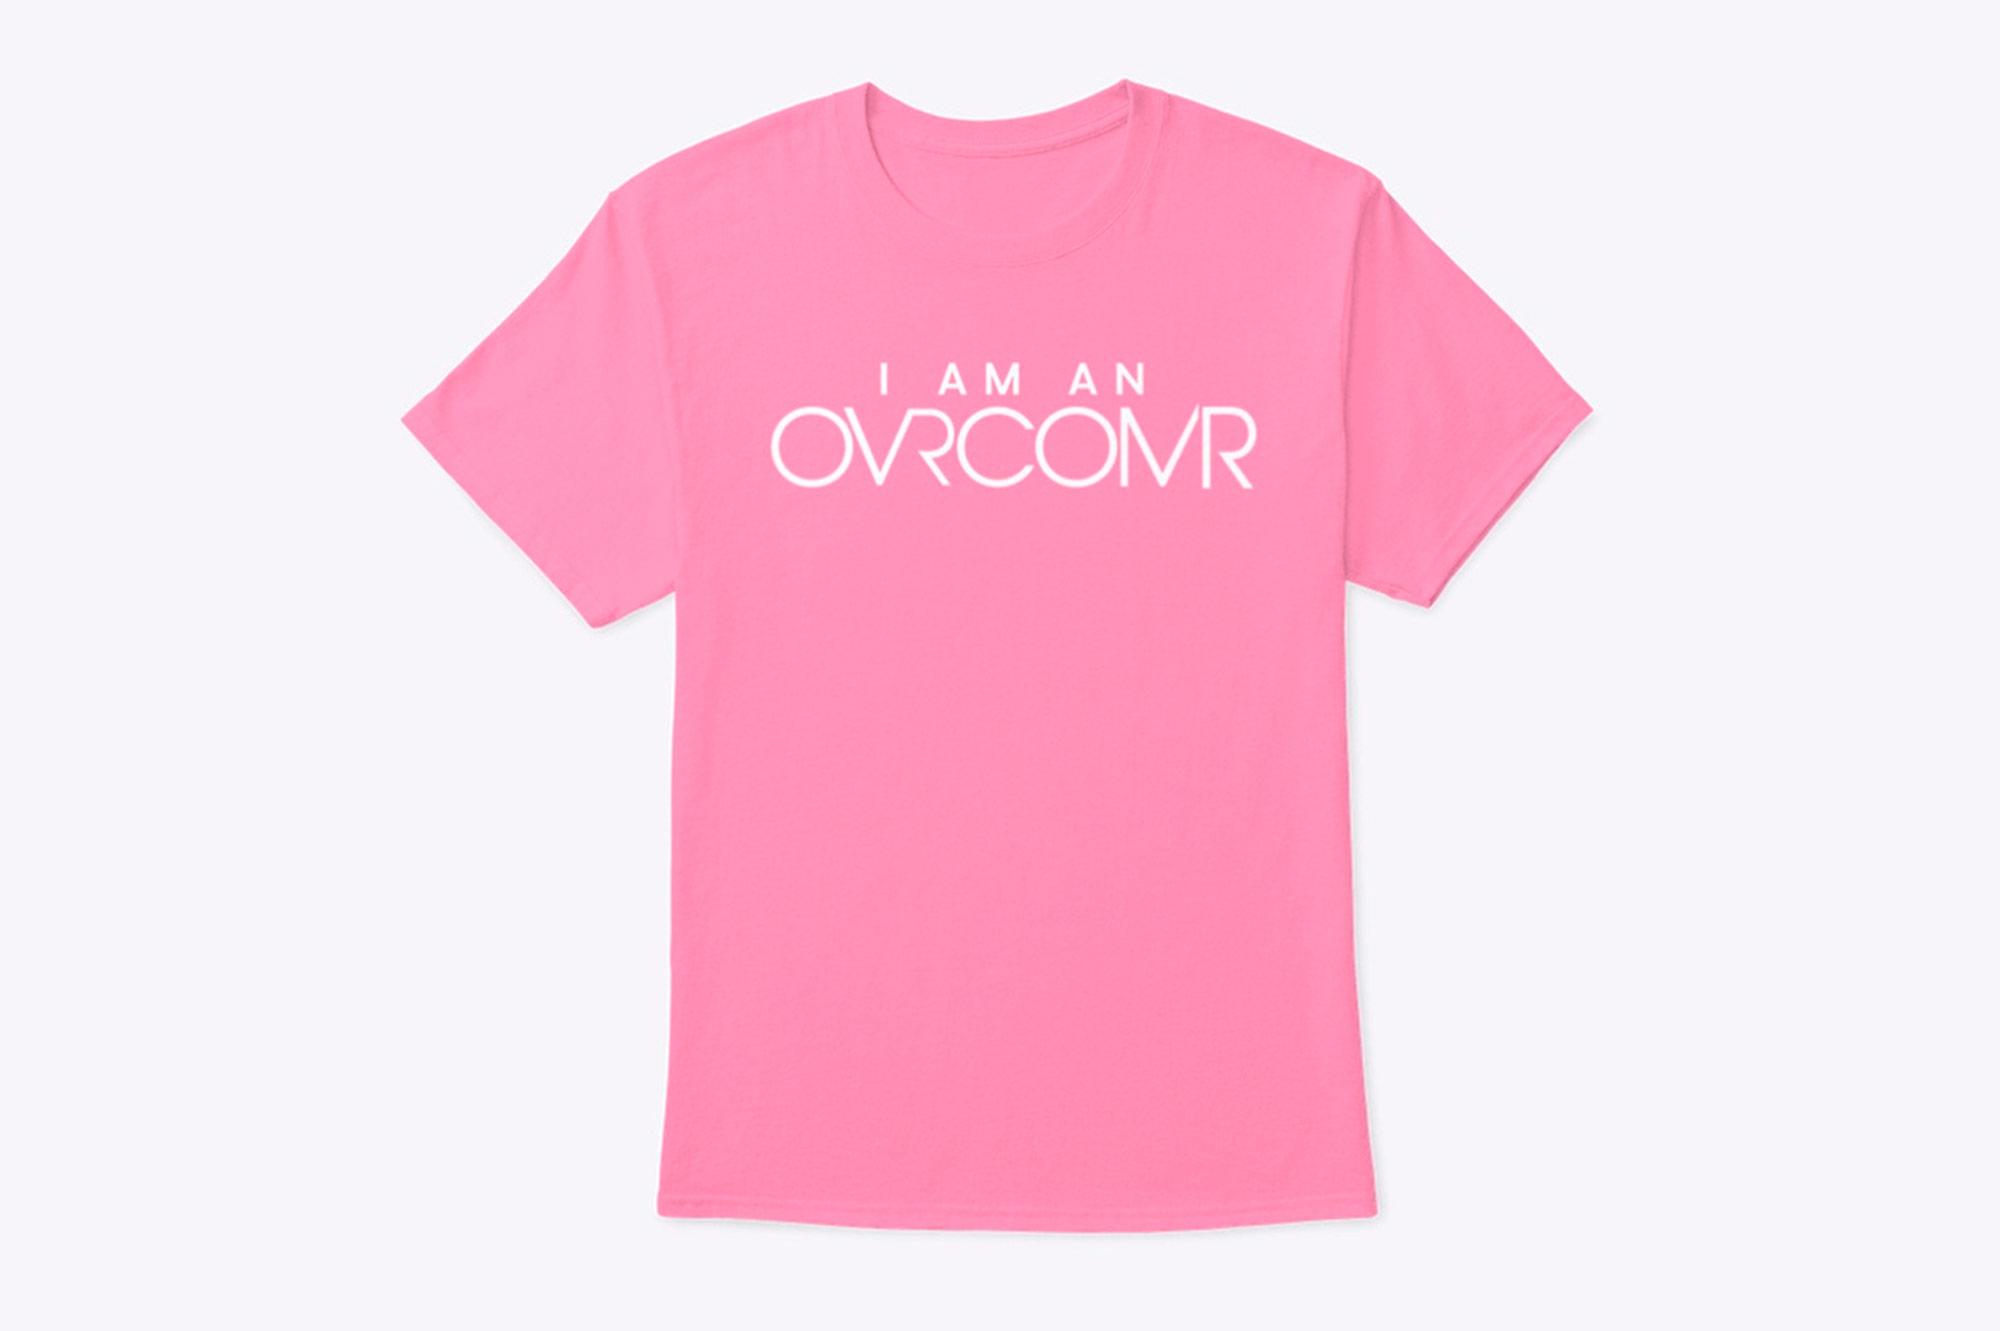 I Am An Overcomer Pink tee